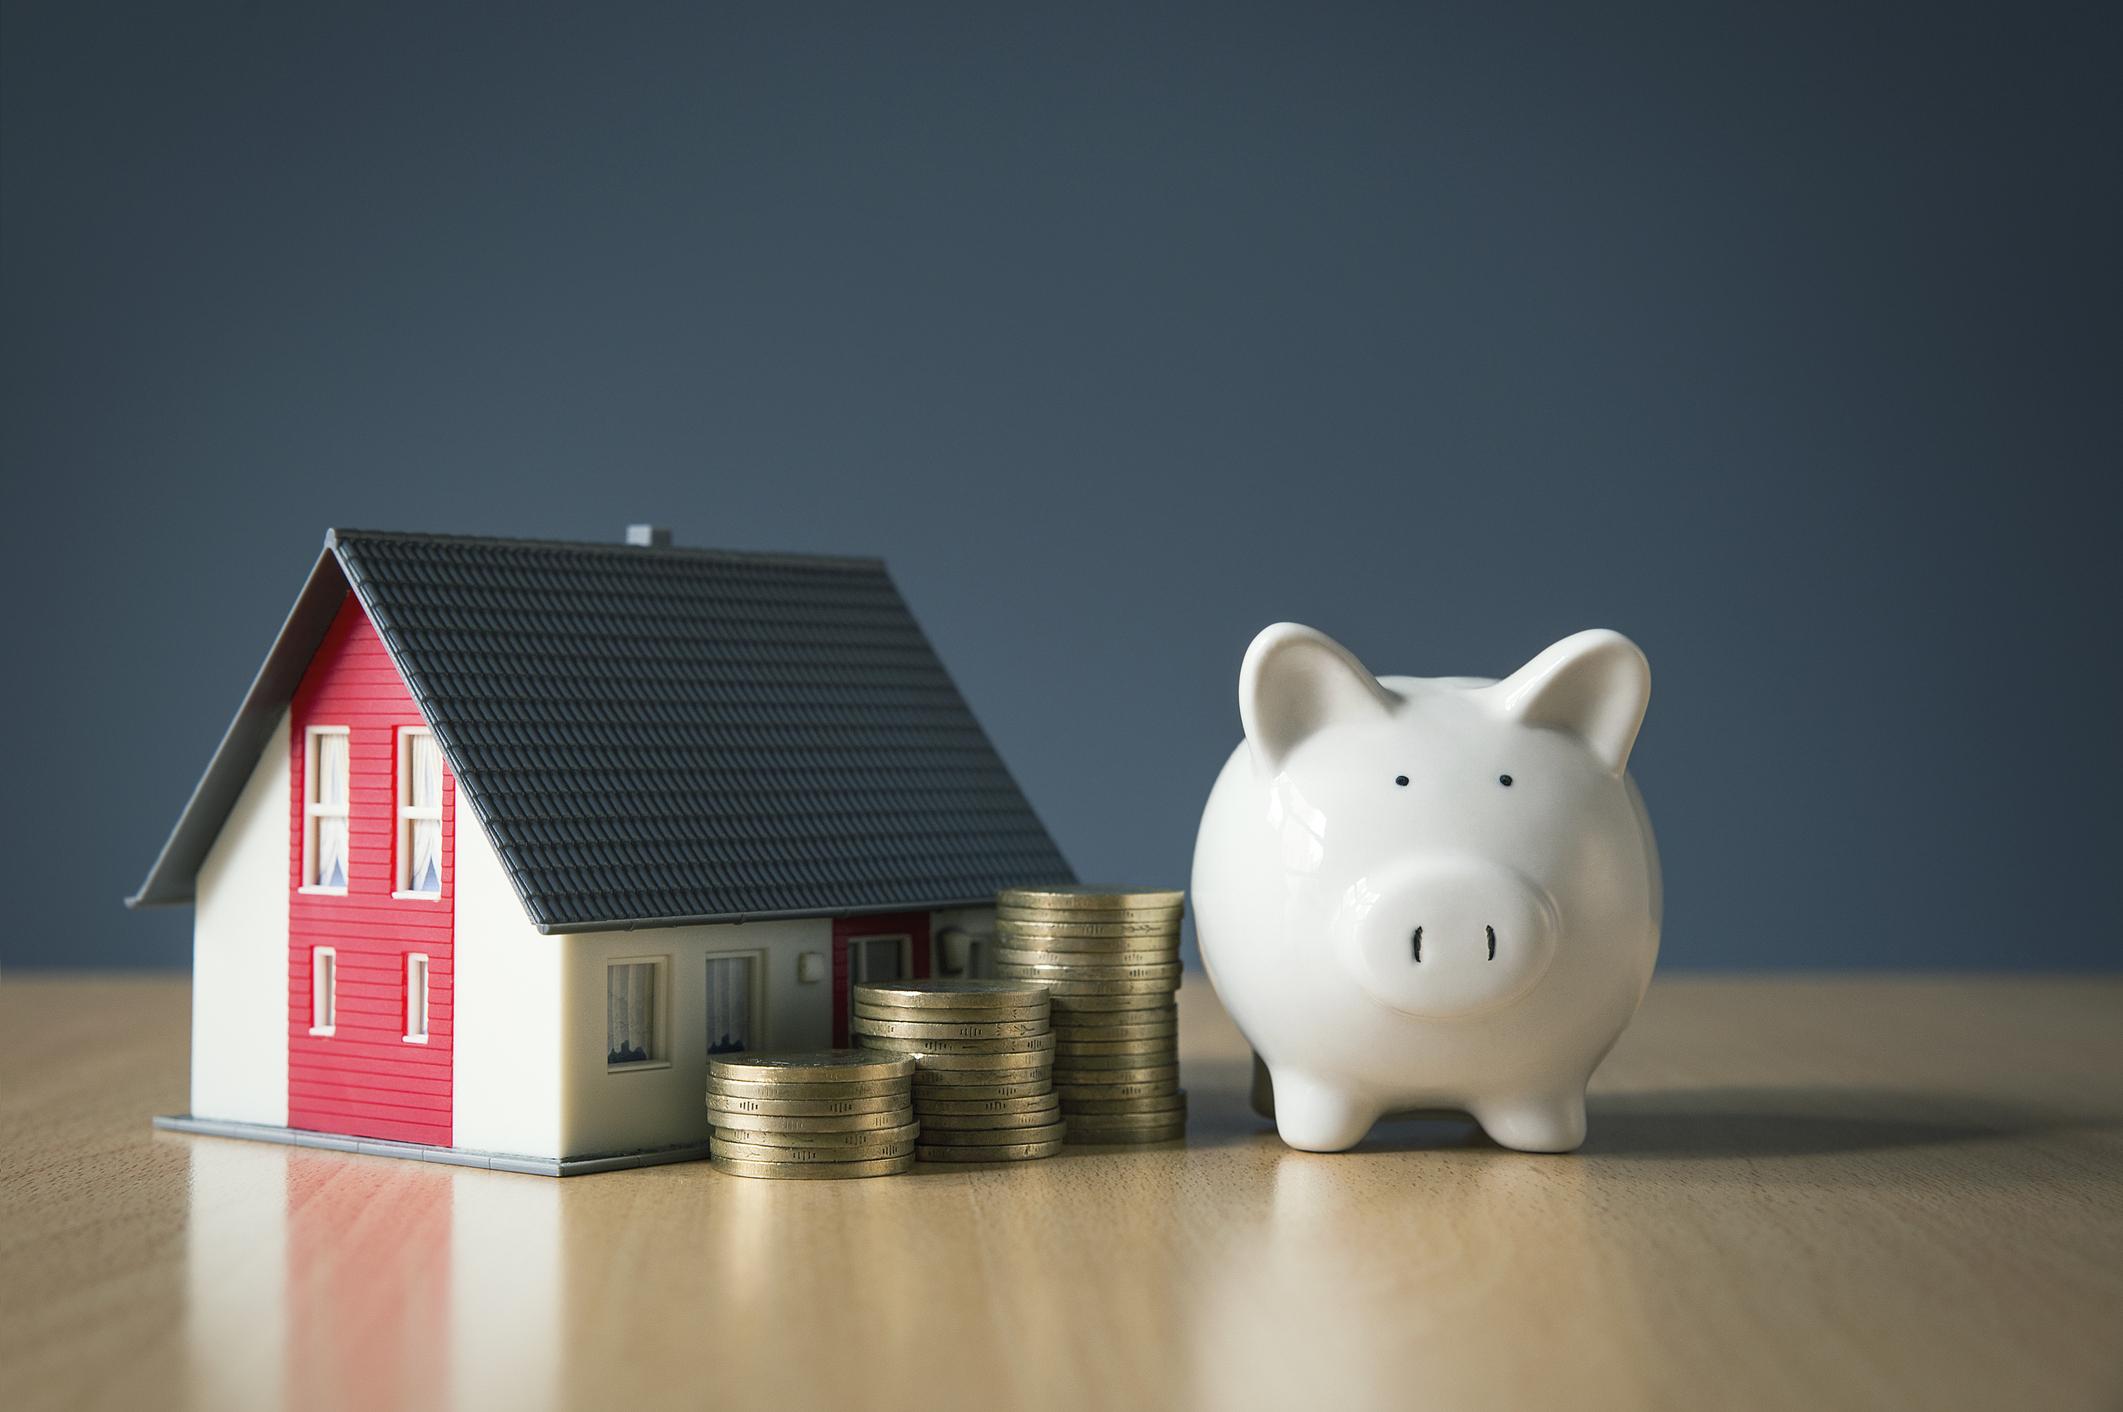 Com Selic em 2% ao ano, banco ganha 56 vezes mais nos empréstimos do que você ganha ao investir thumbnail